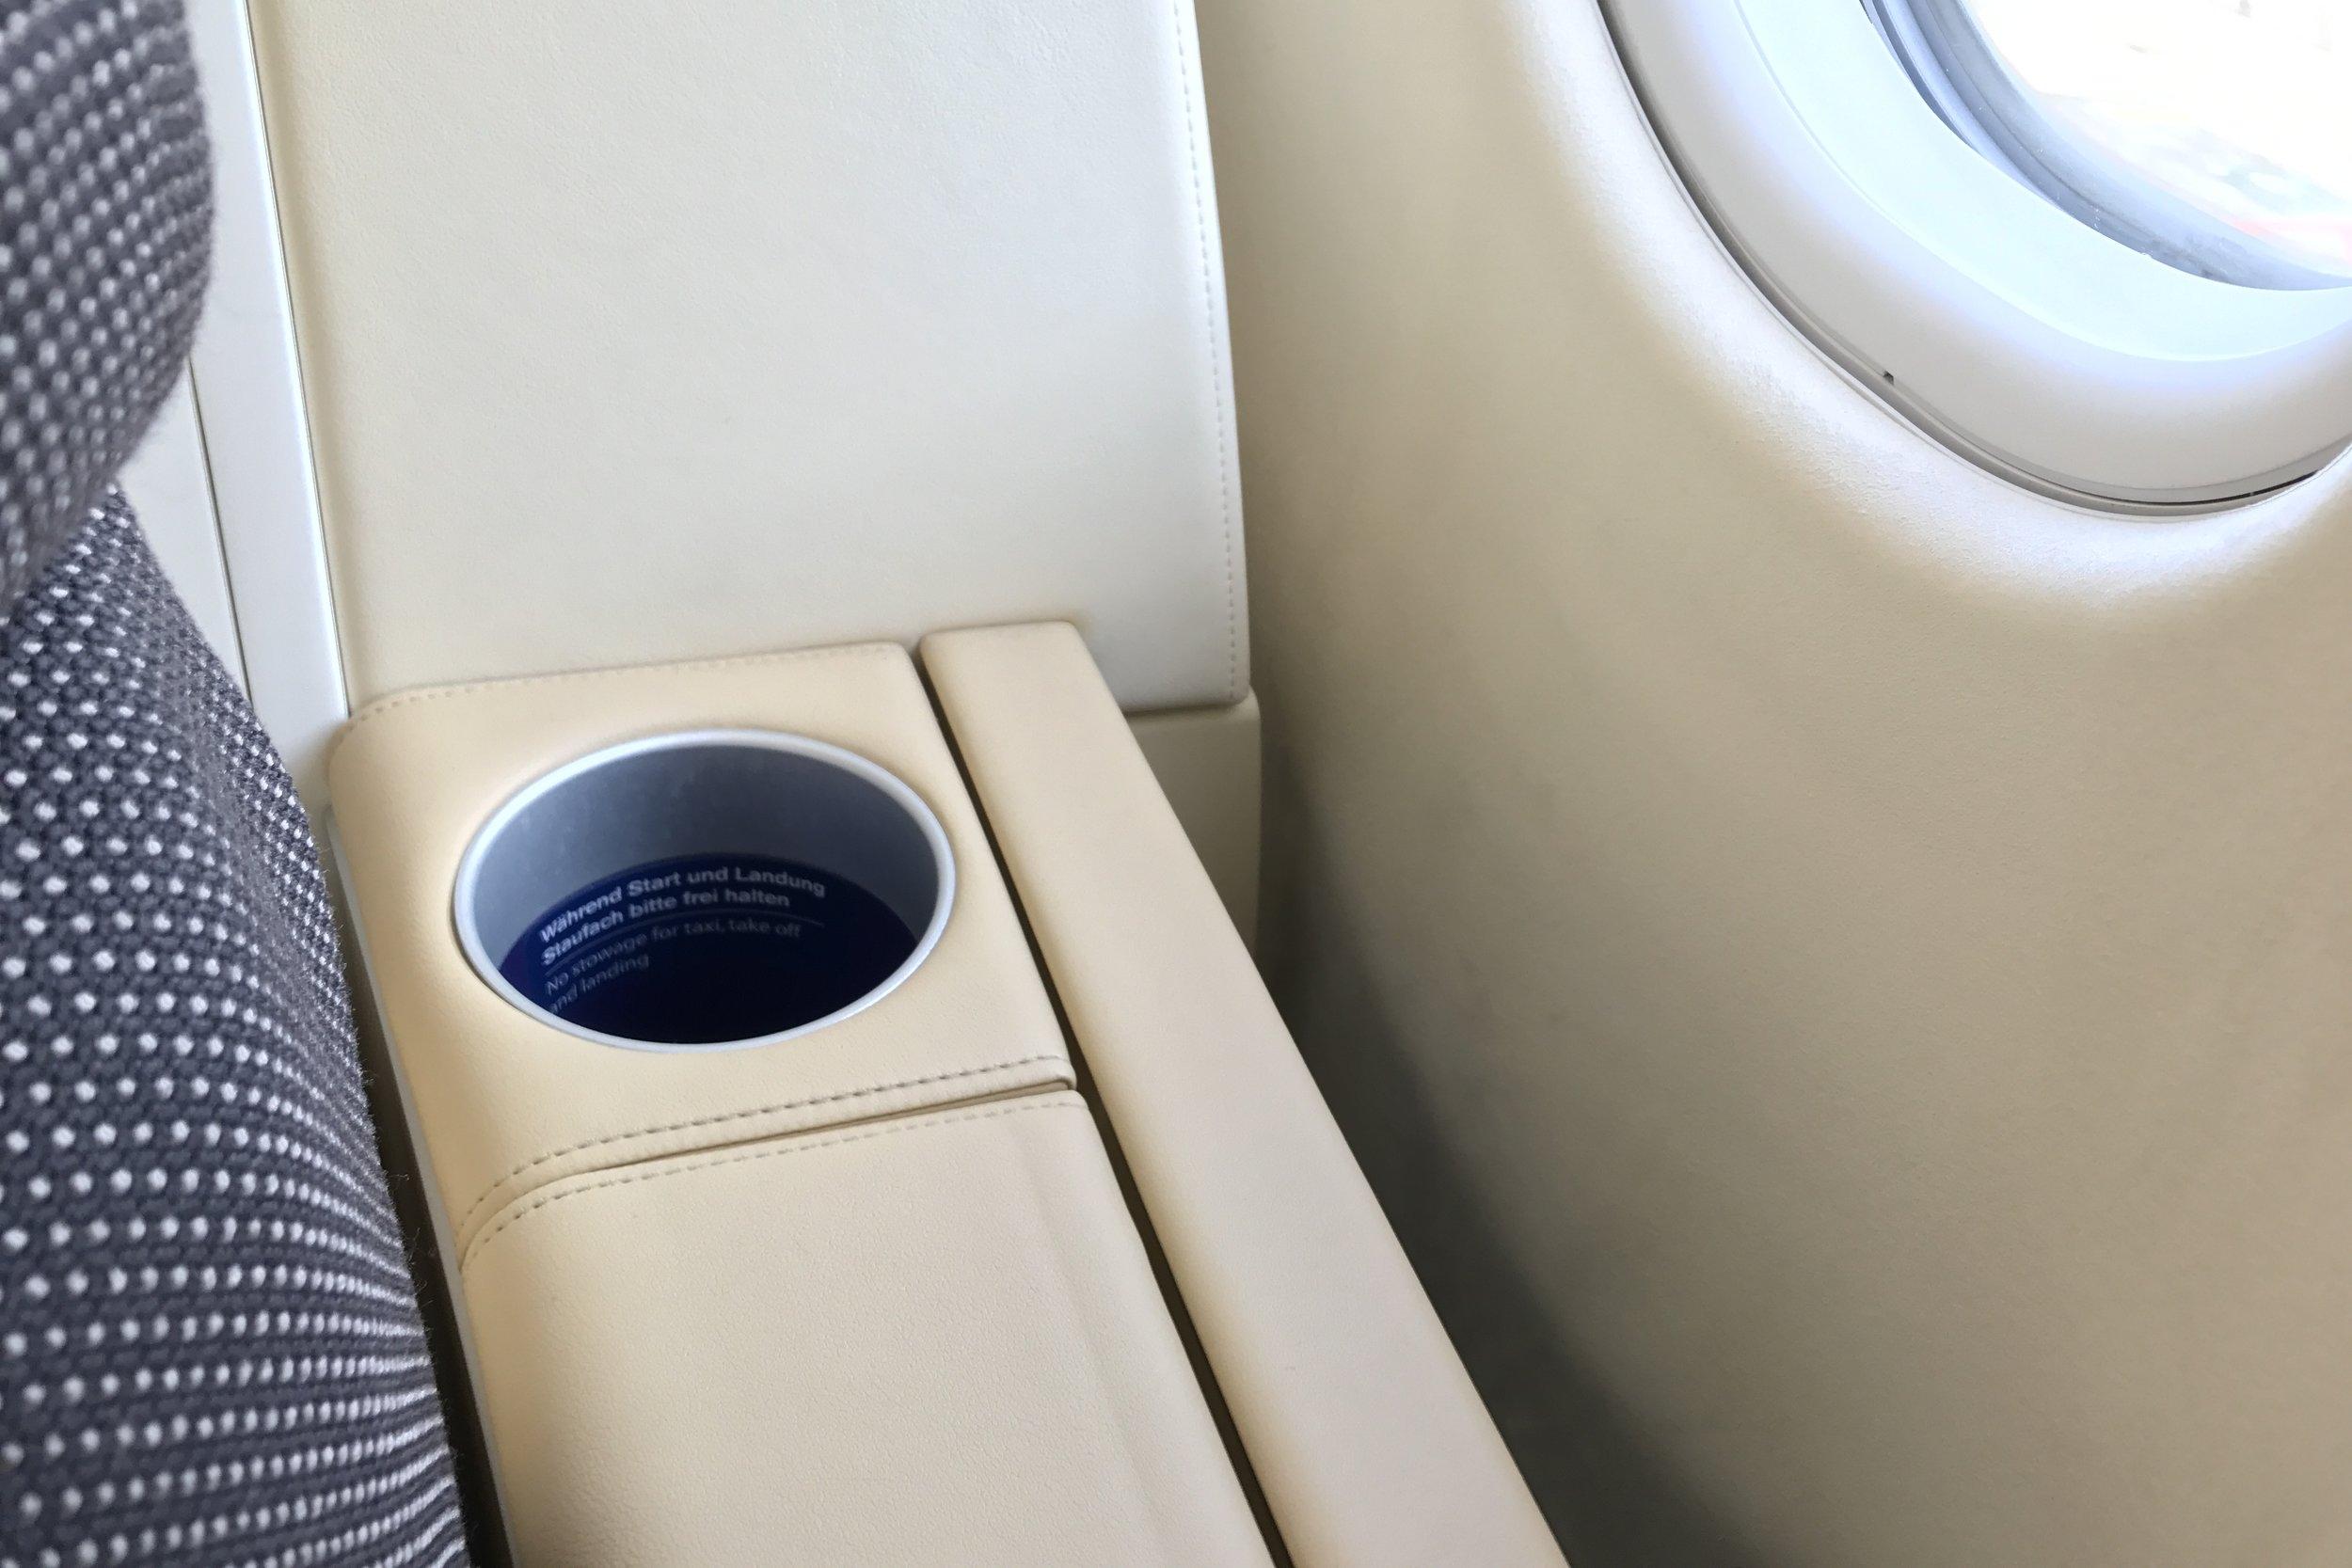 Lufthansa First Class – Bottle holder